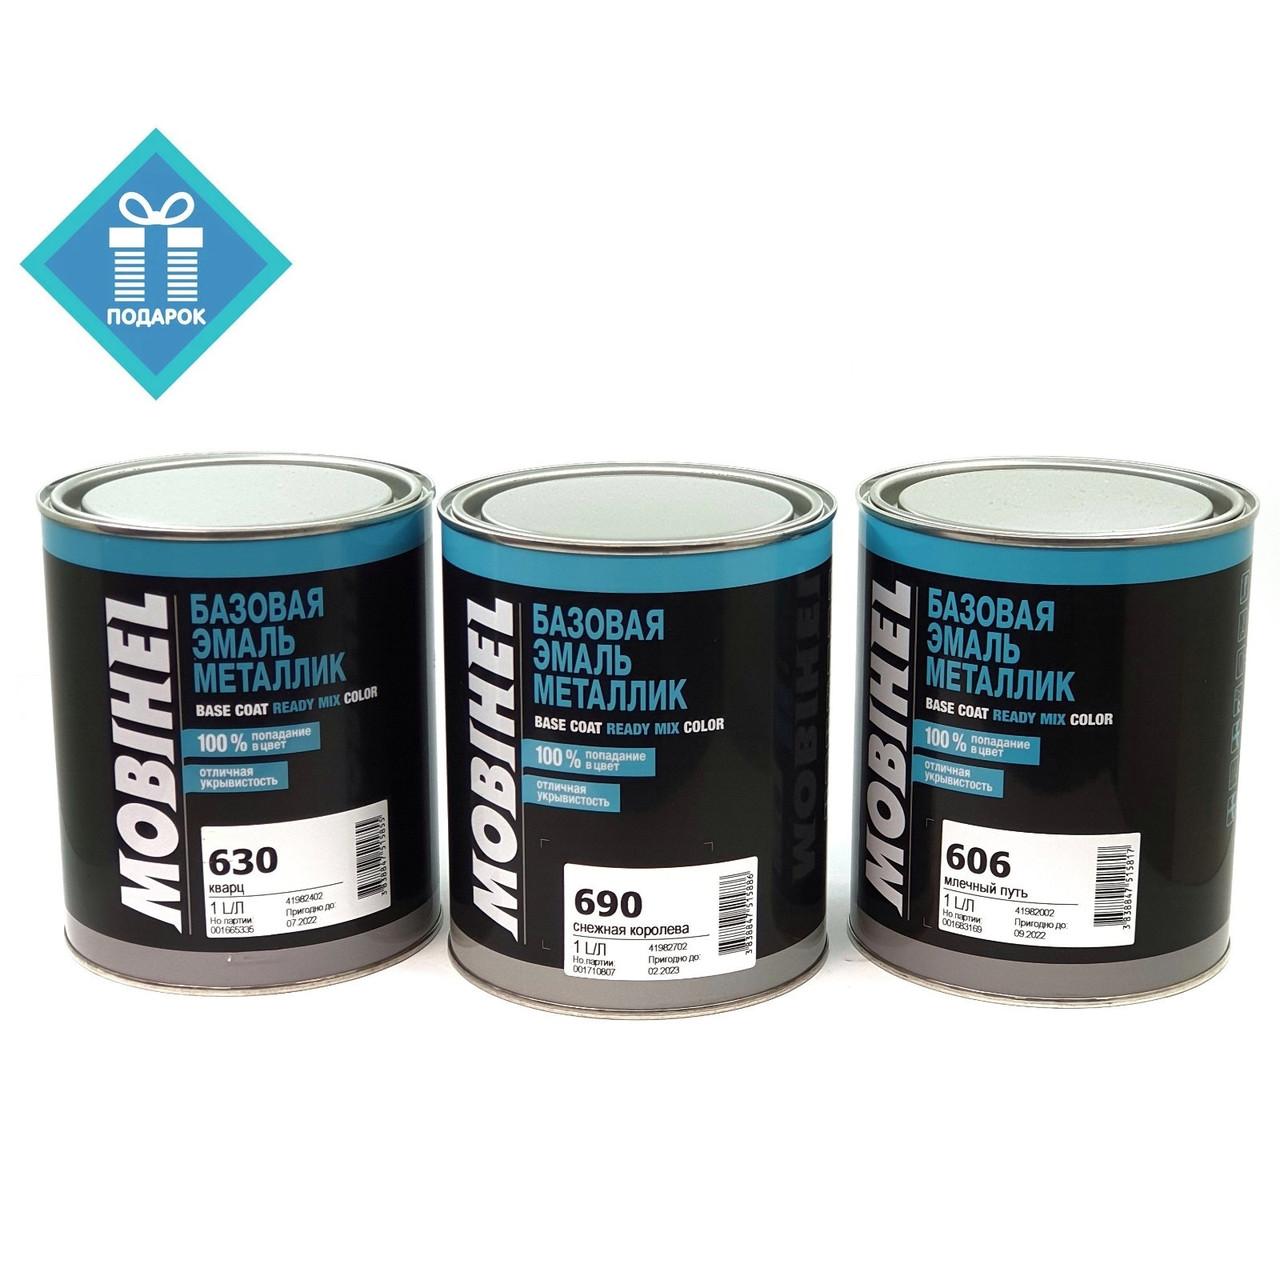 Авто краска (автоэмаль) металлик Mobihel (Мобихел) TOYOTA 4R4 DESERT DUN 1л